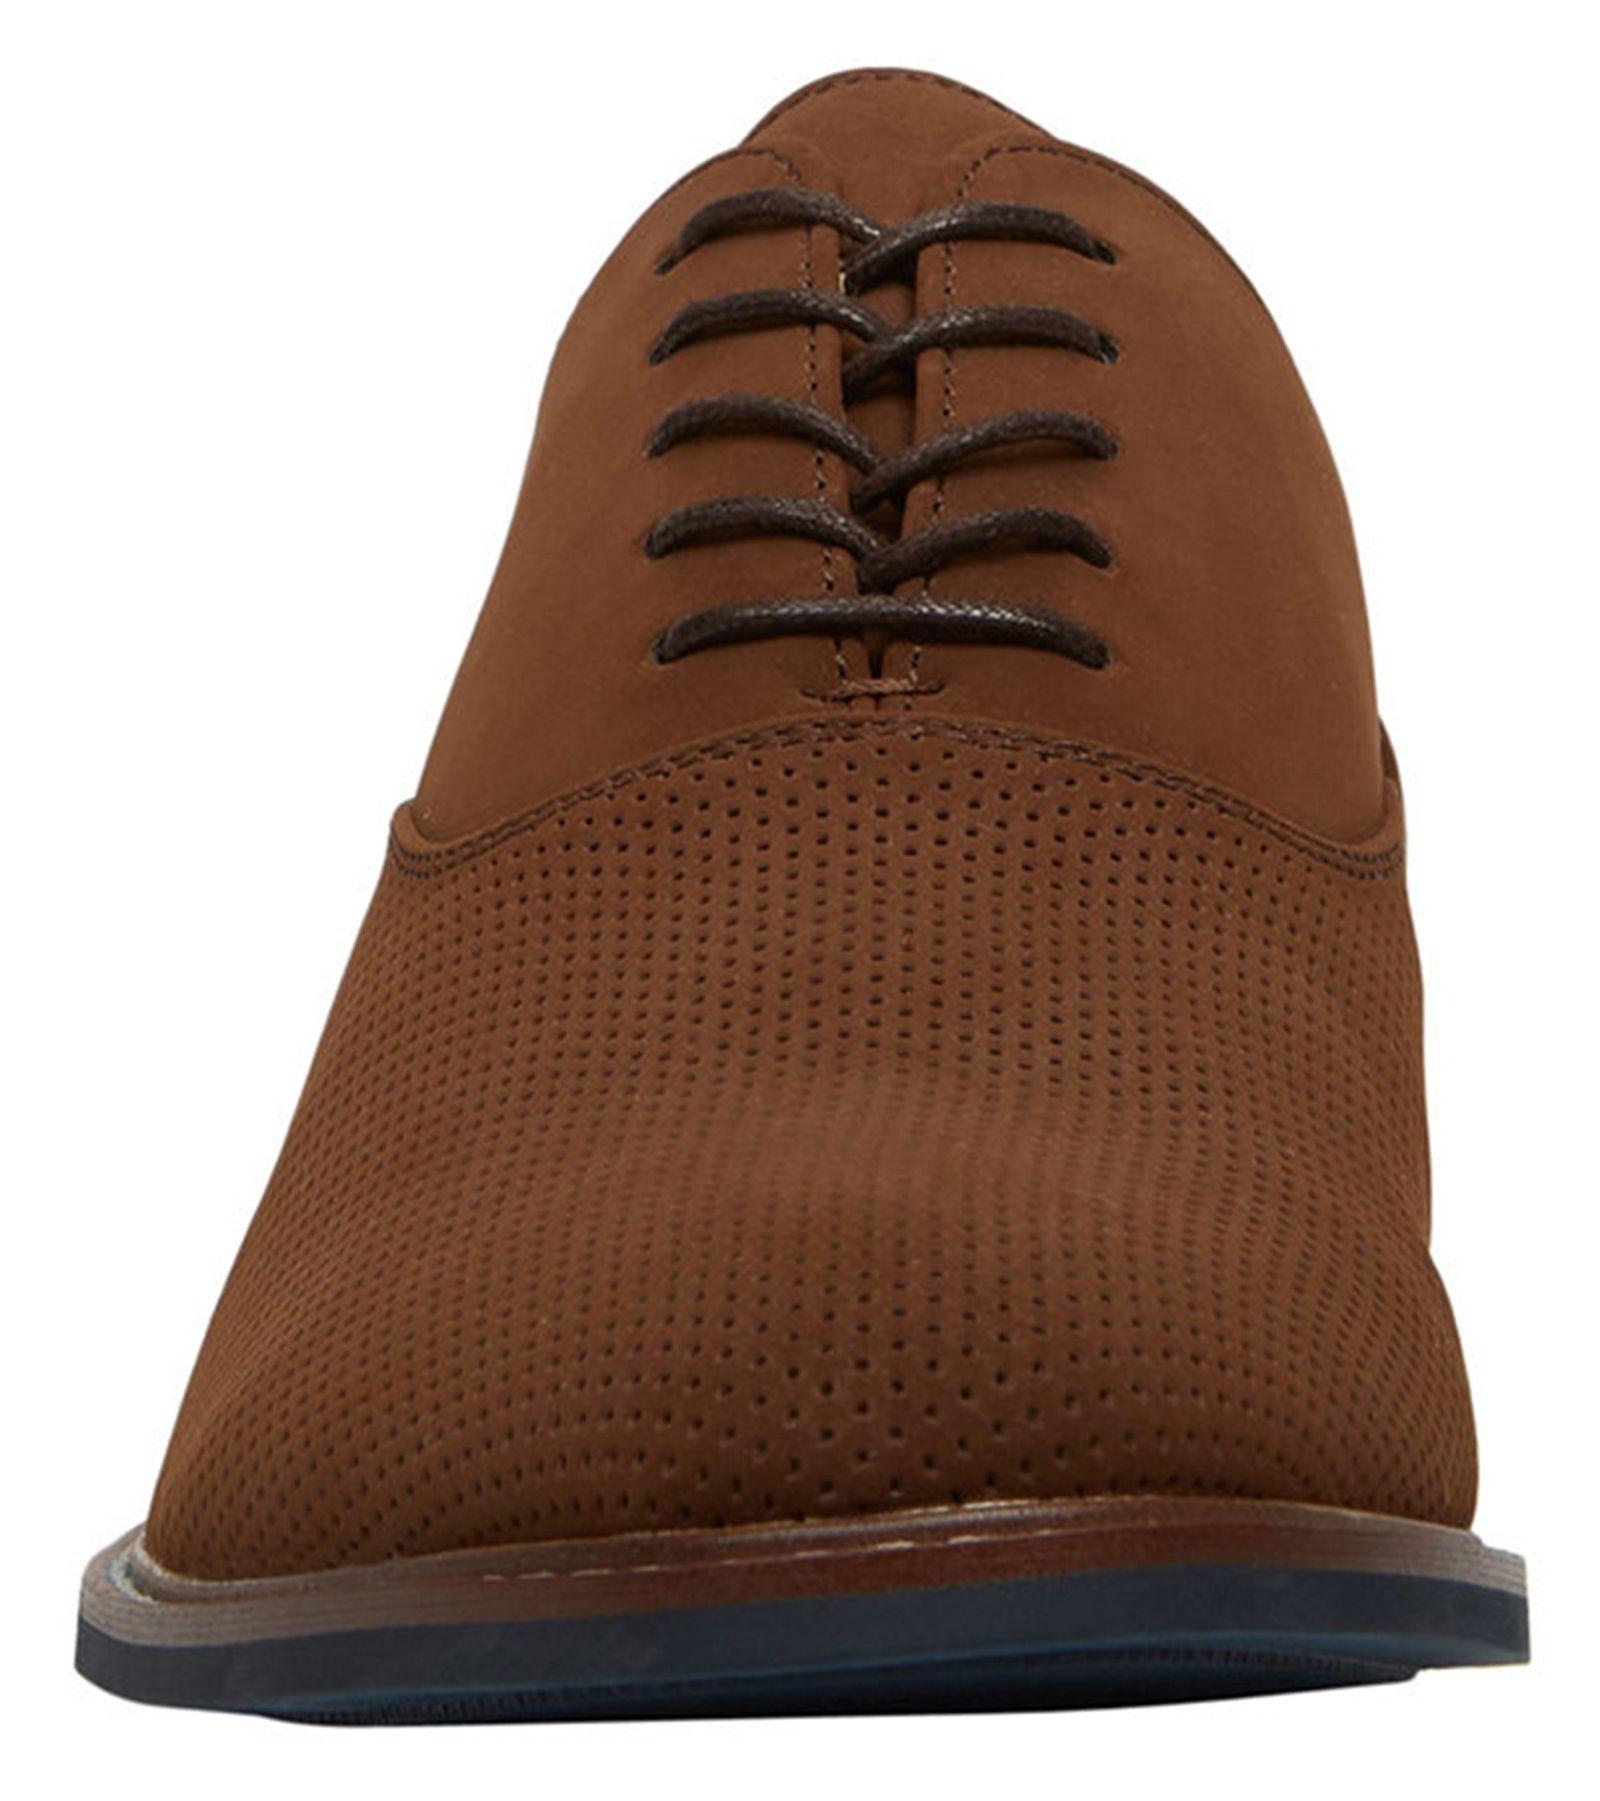 کفش رسمی مردانه - کال ایت اسپرینگ - قهوه اي روشن - 2